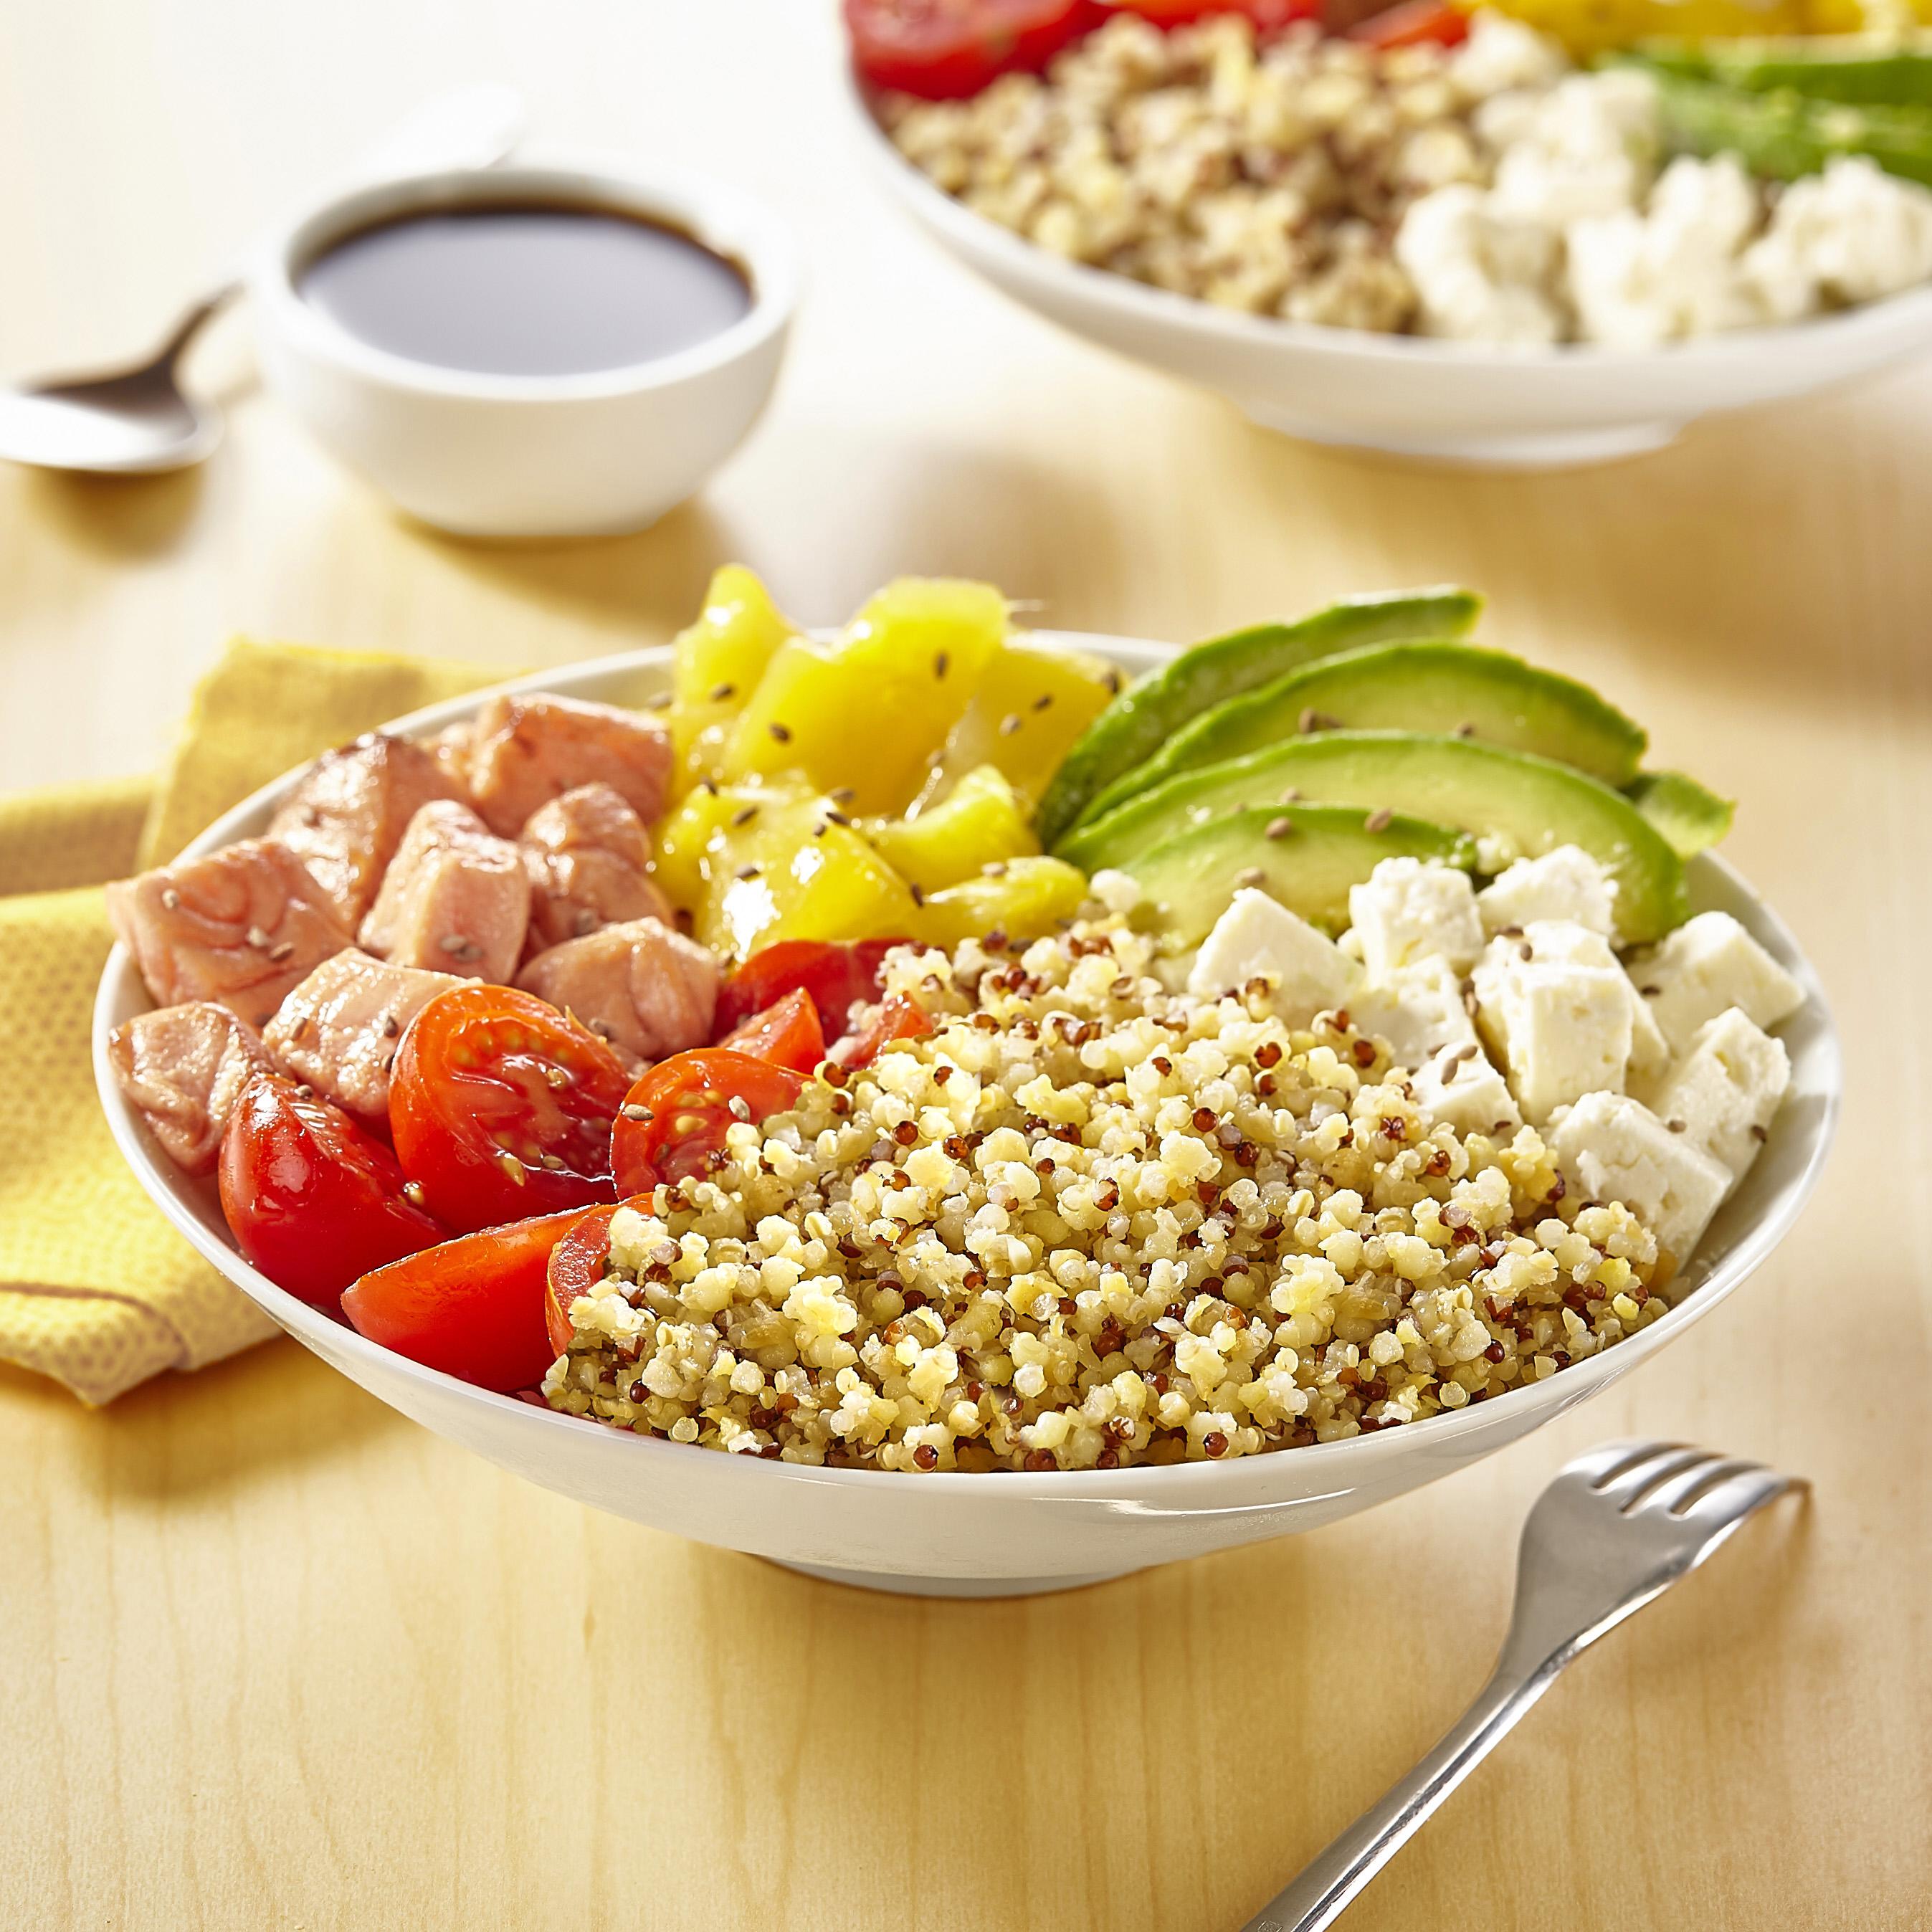 C TIPIAK EXOTIC BOWL AU QUINOA DELICE HD - Tipiak innove avec Quinoa Délice en sachets cuisson